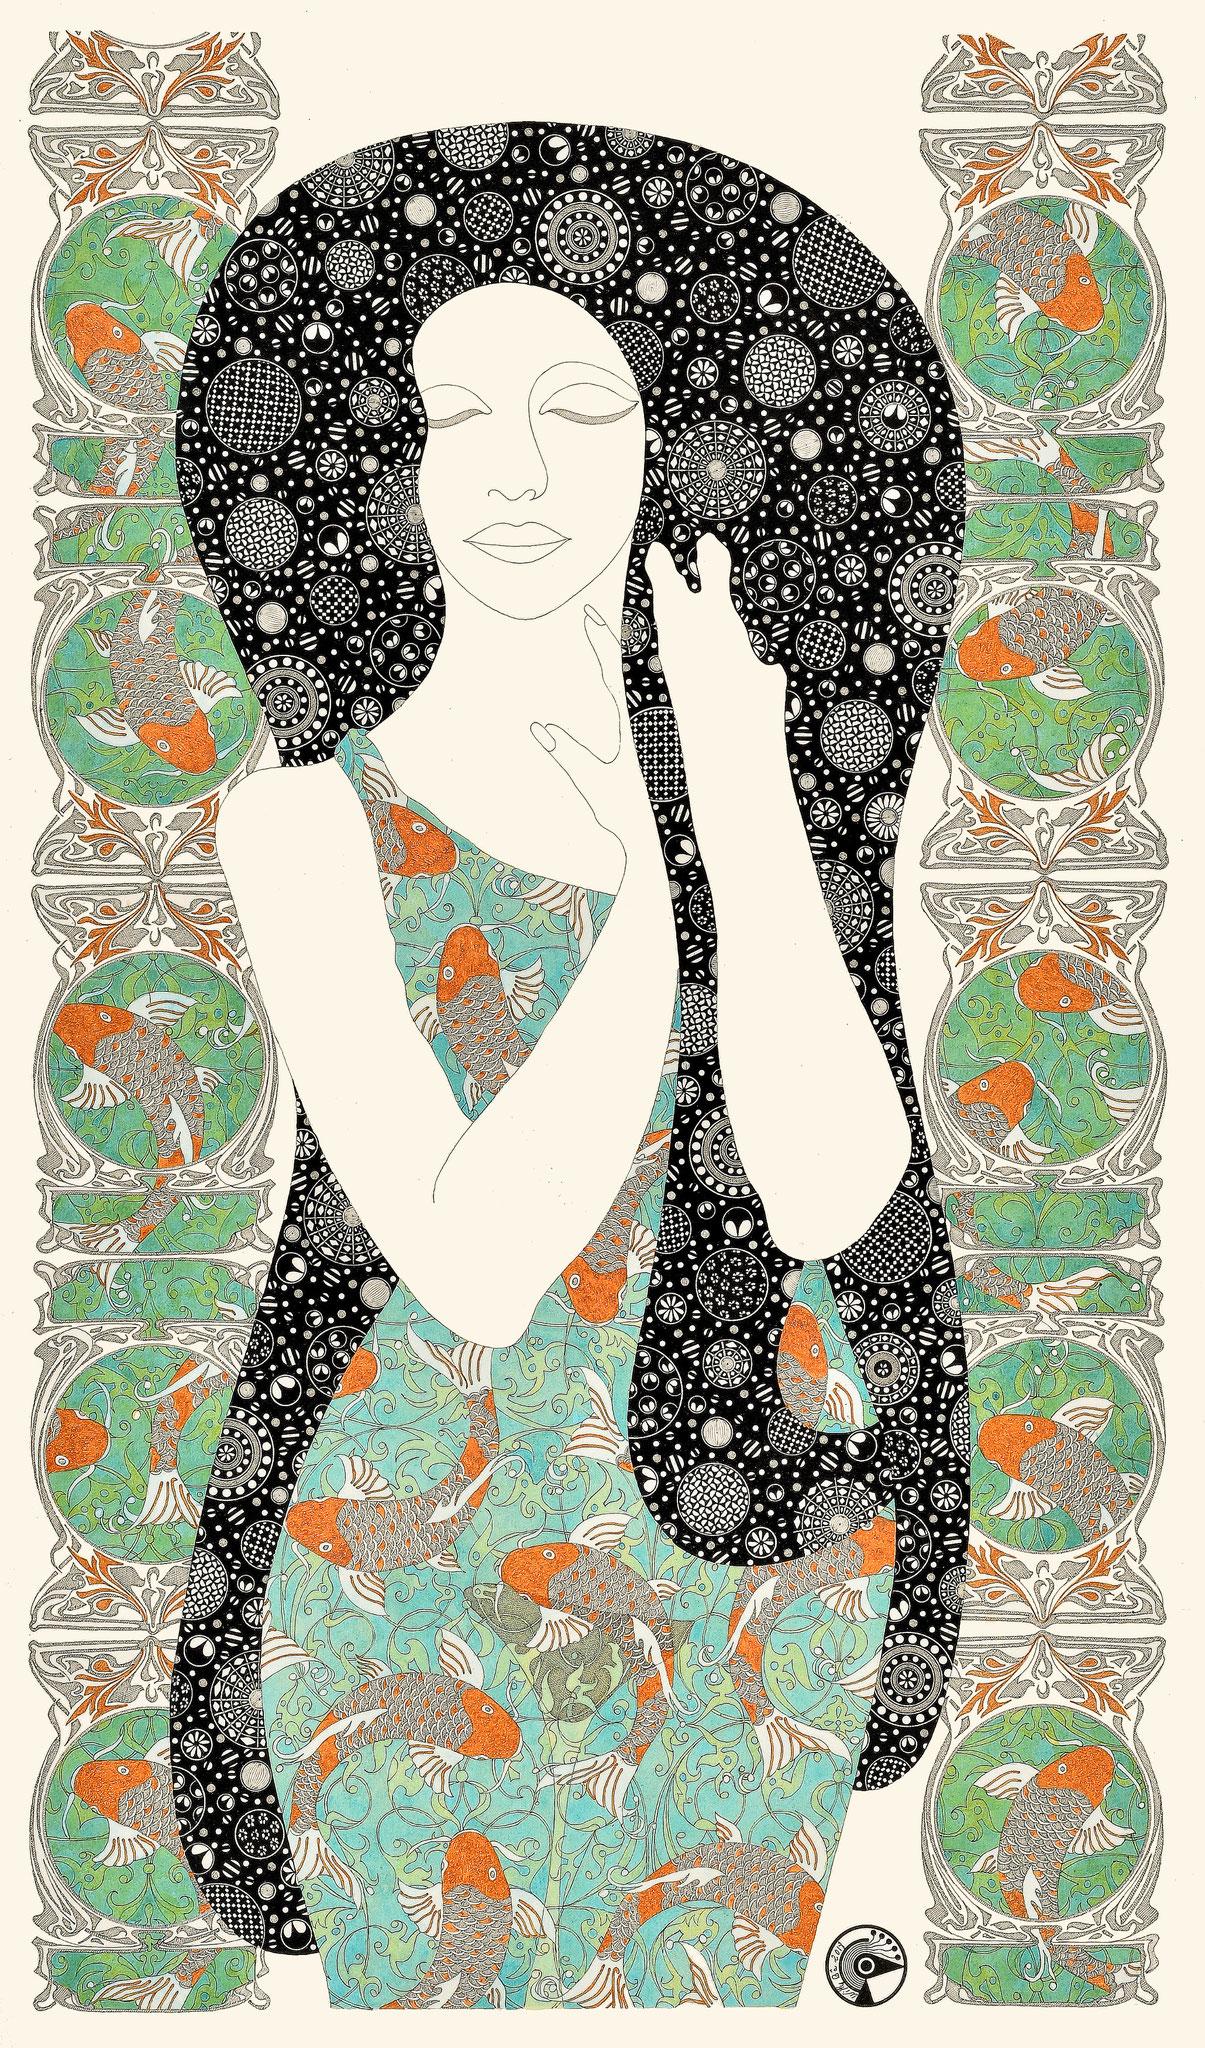 Hommage à Klimt n° 10 - encre de chine et acrylique - 60 x 80 cm